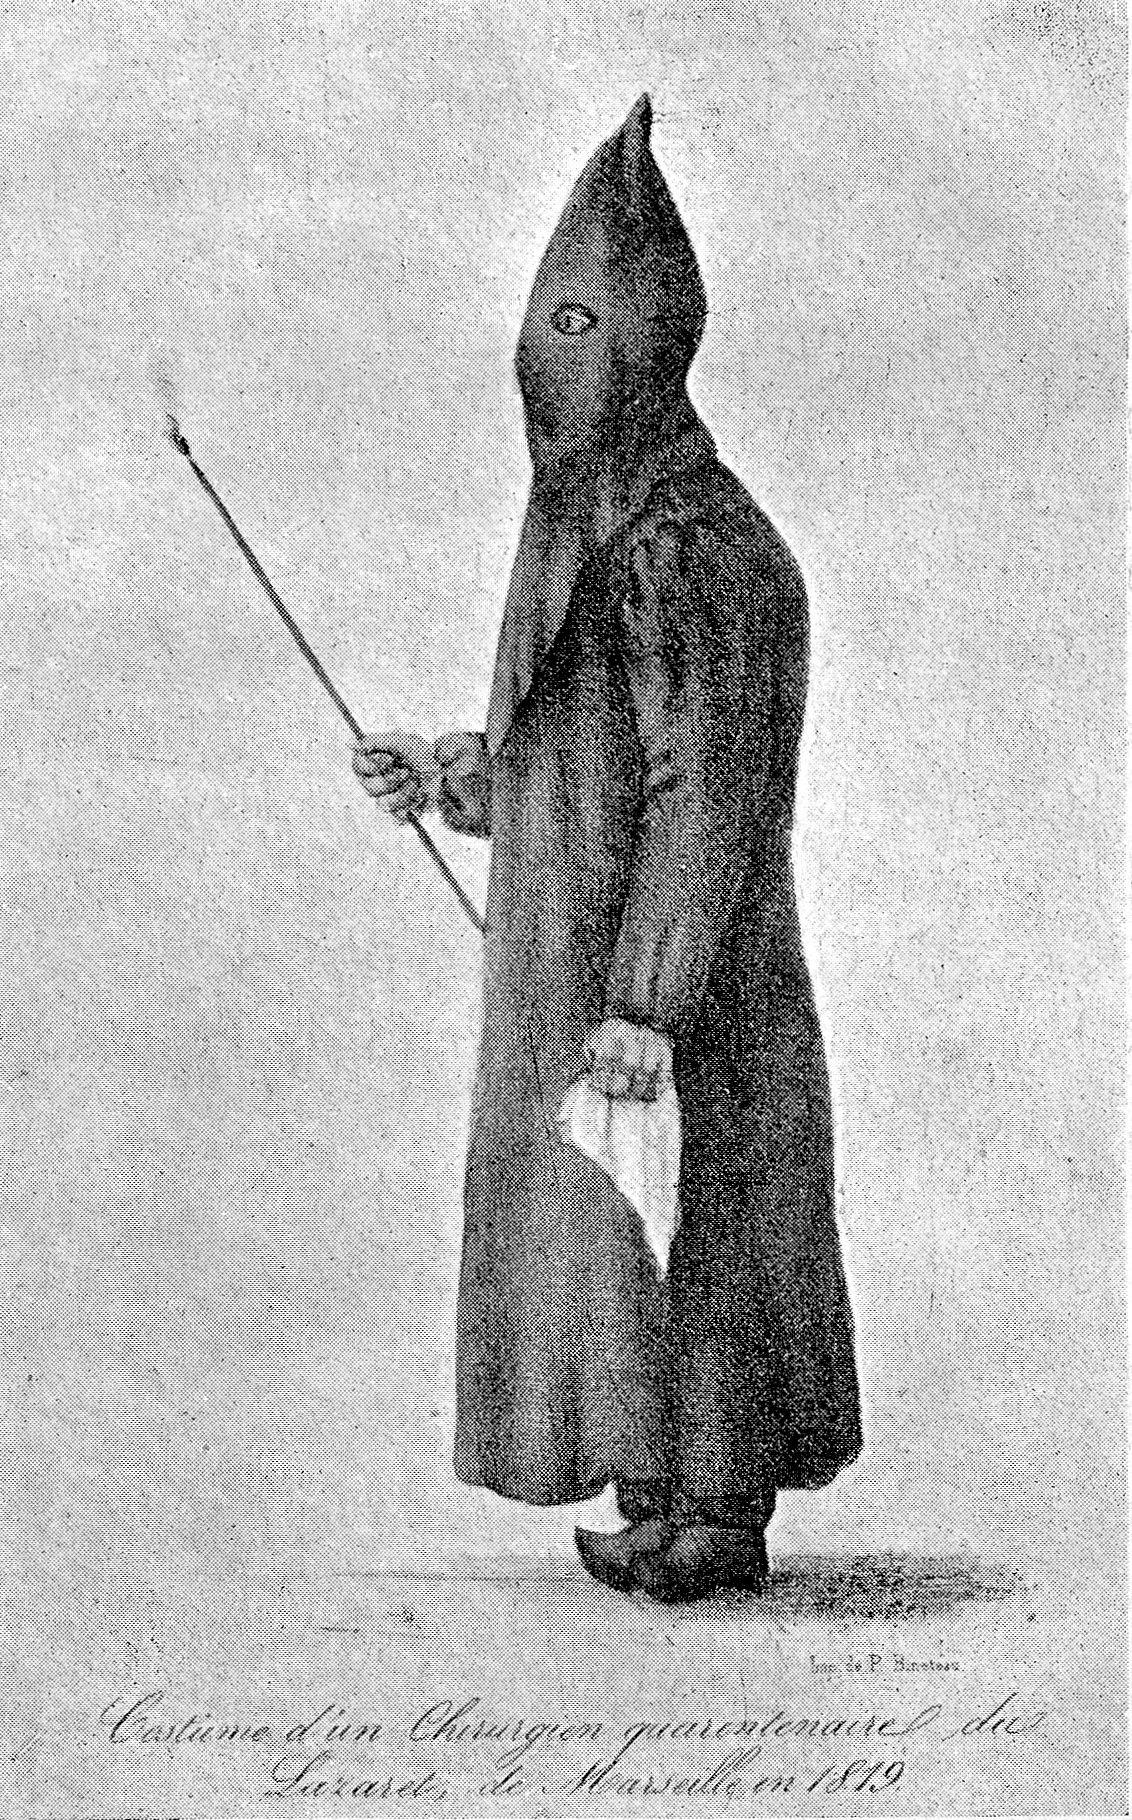 Plague doctors costume 'Costume d'un chirurgien ...